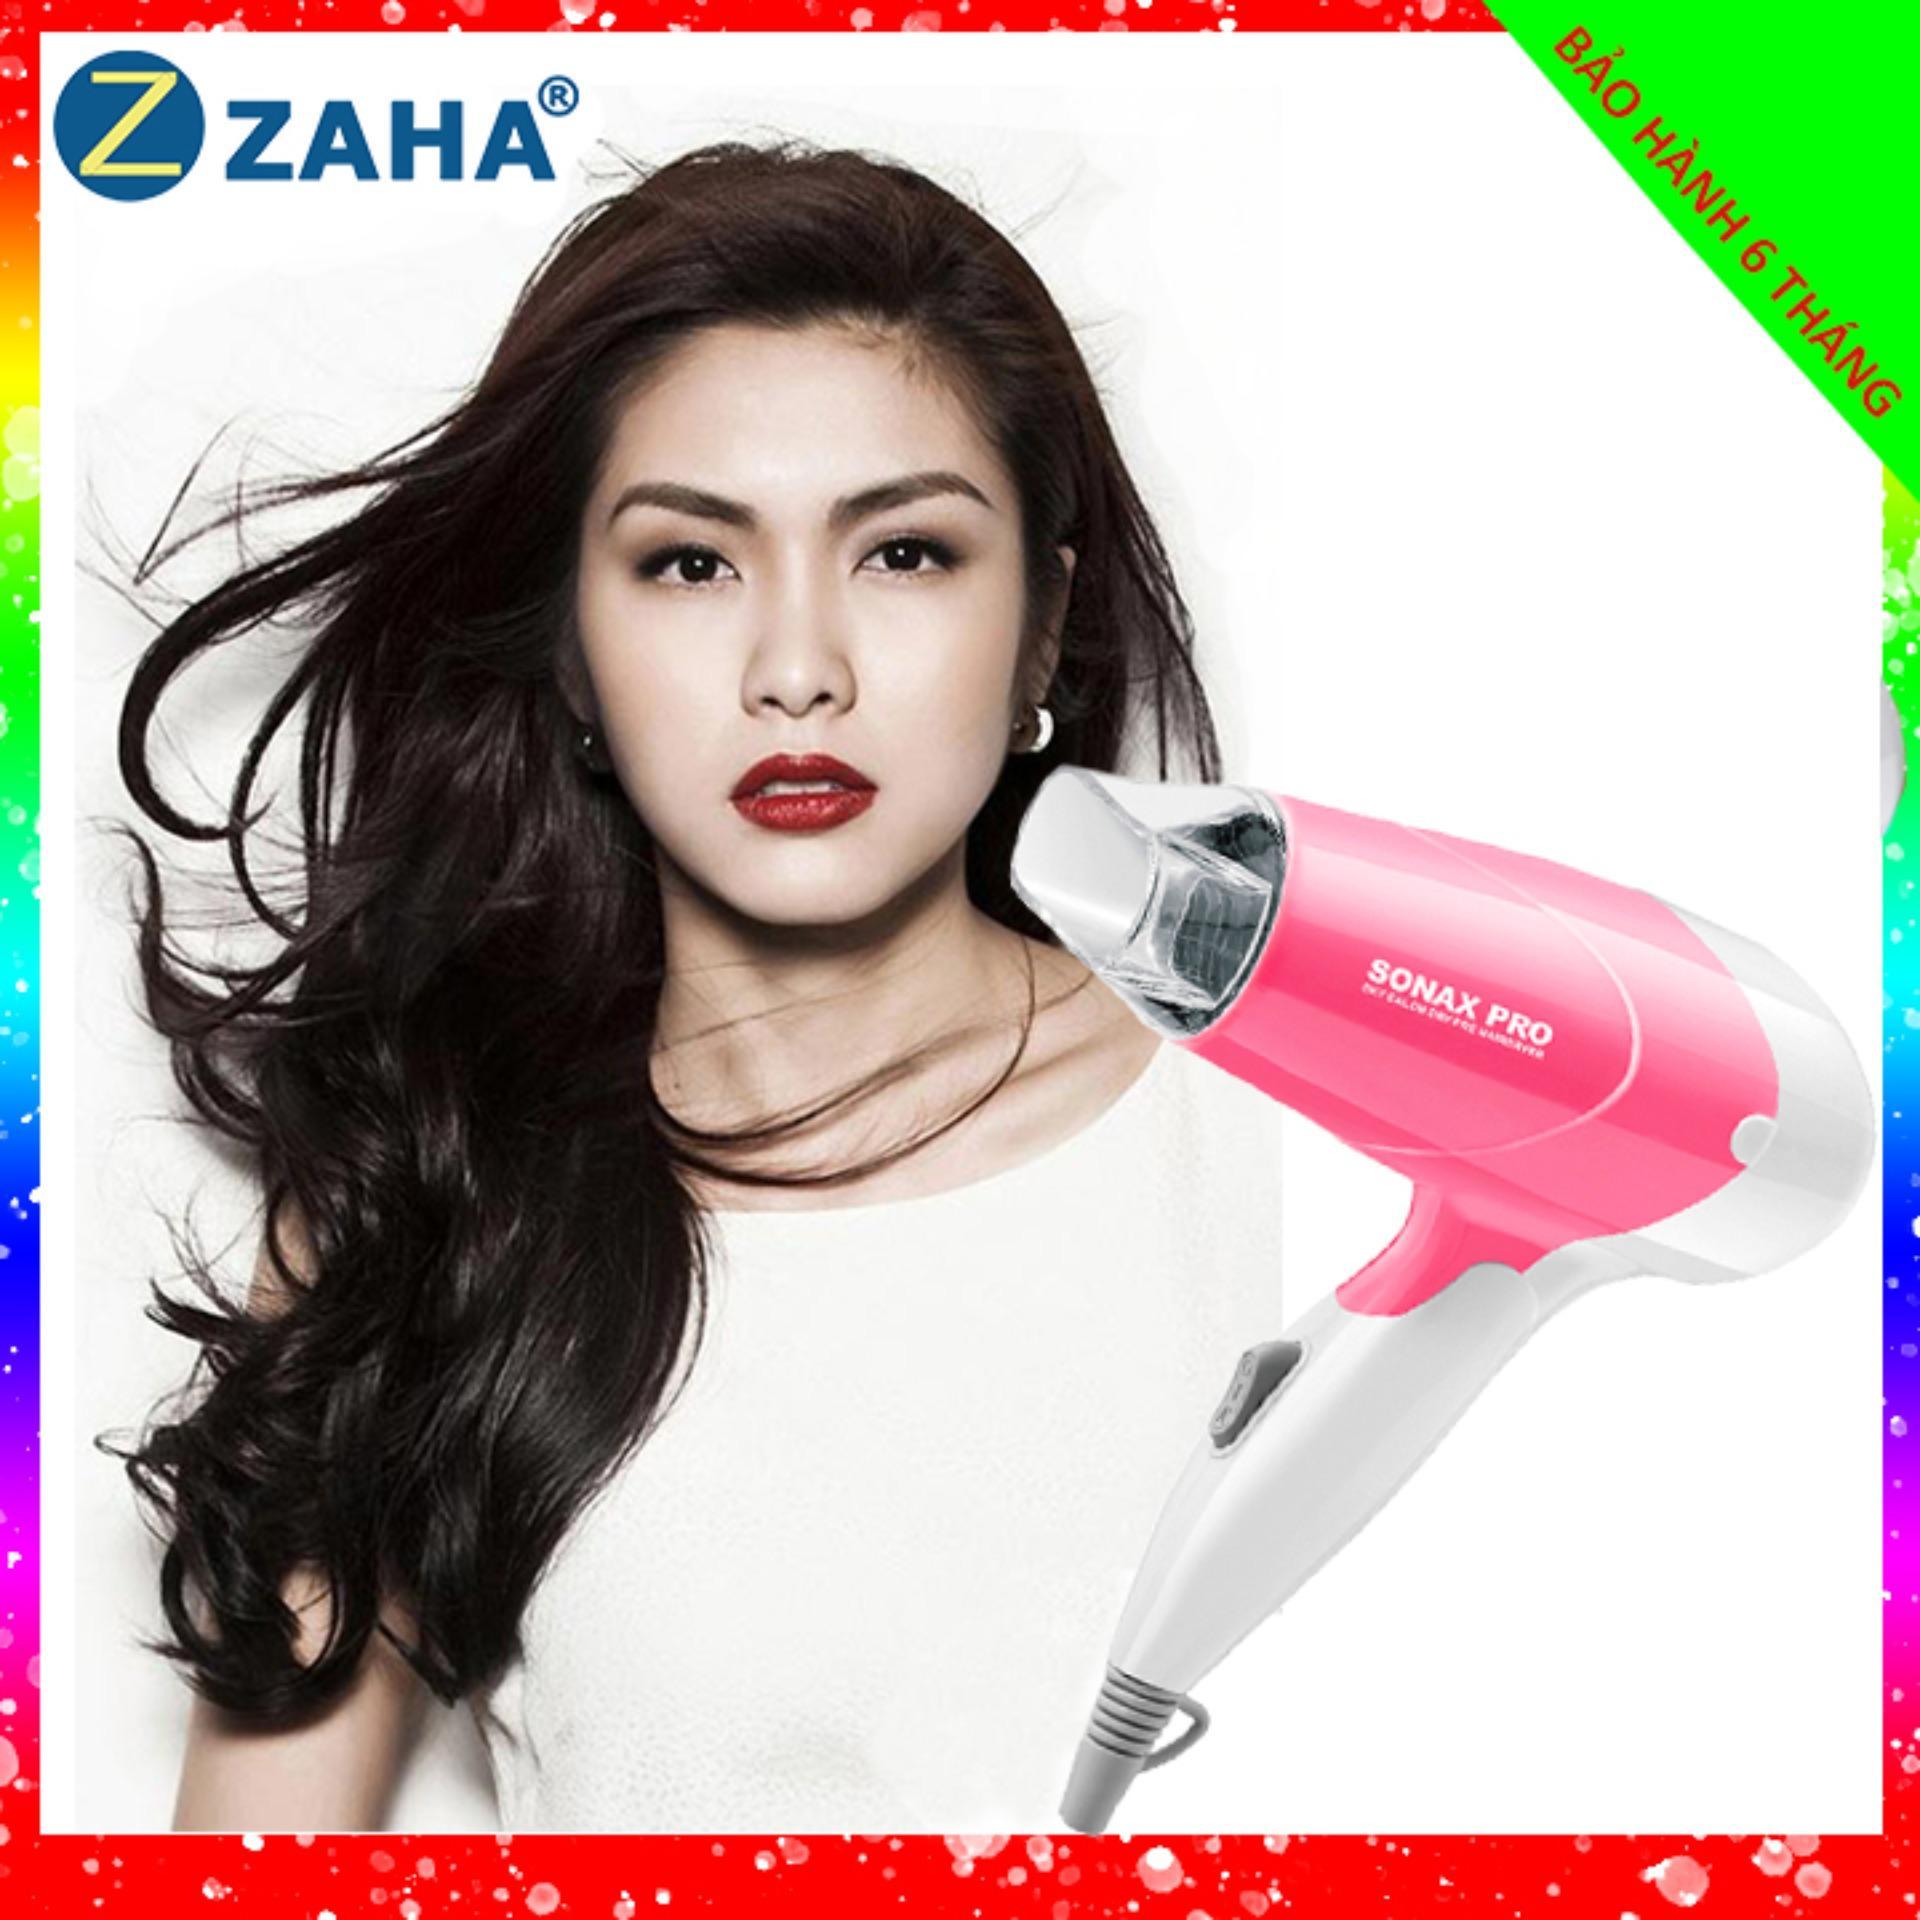 Máy sấy tóc Sonax Pro 6622 mini 1200w Du lịch gấp gọn tiện lợi